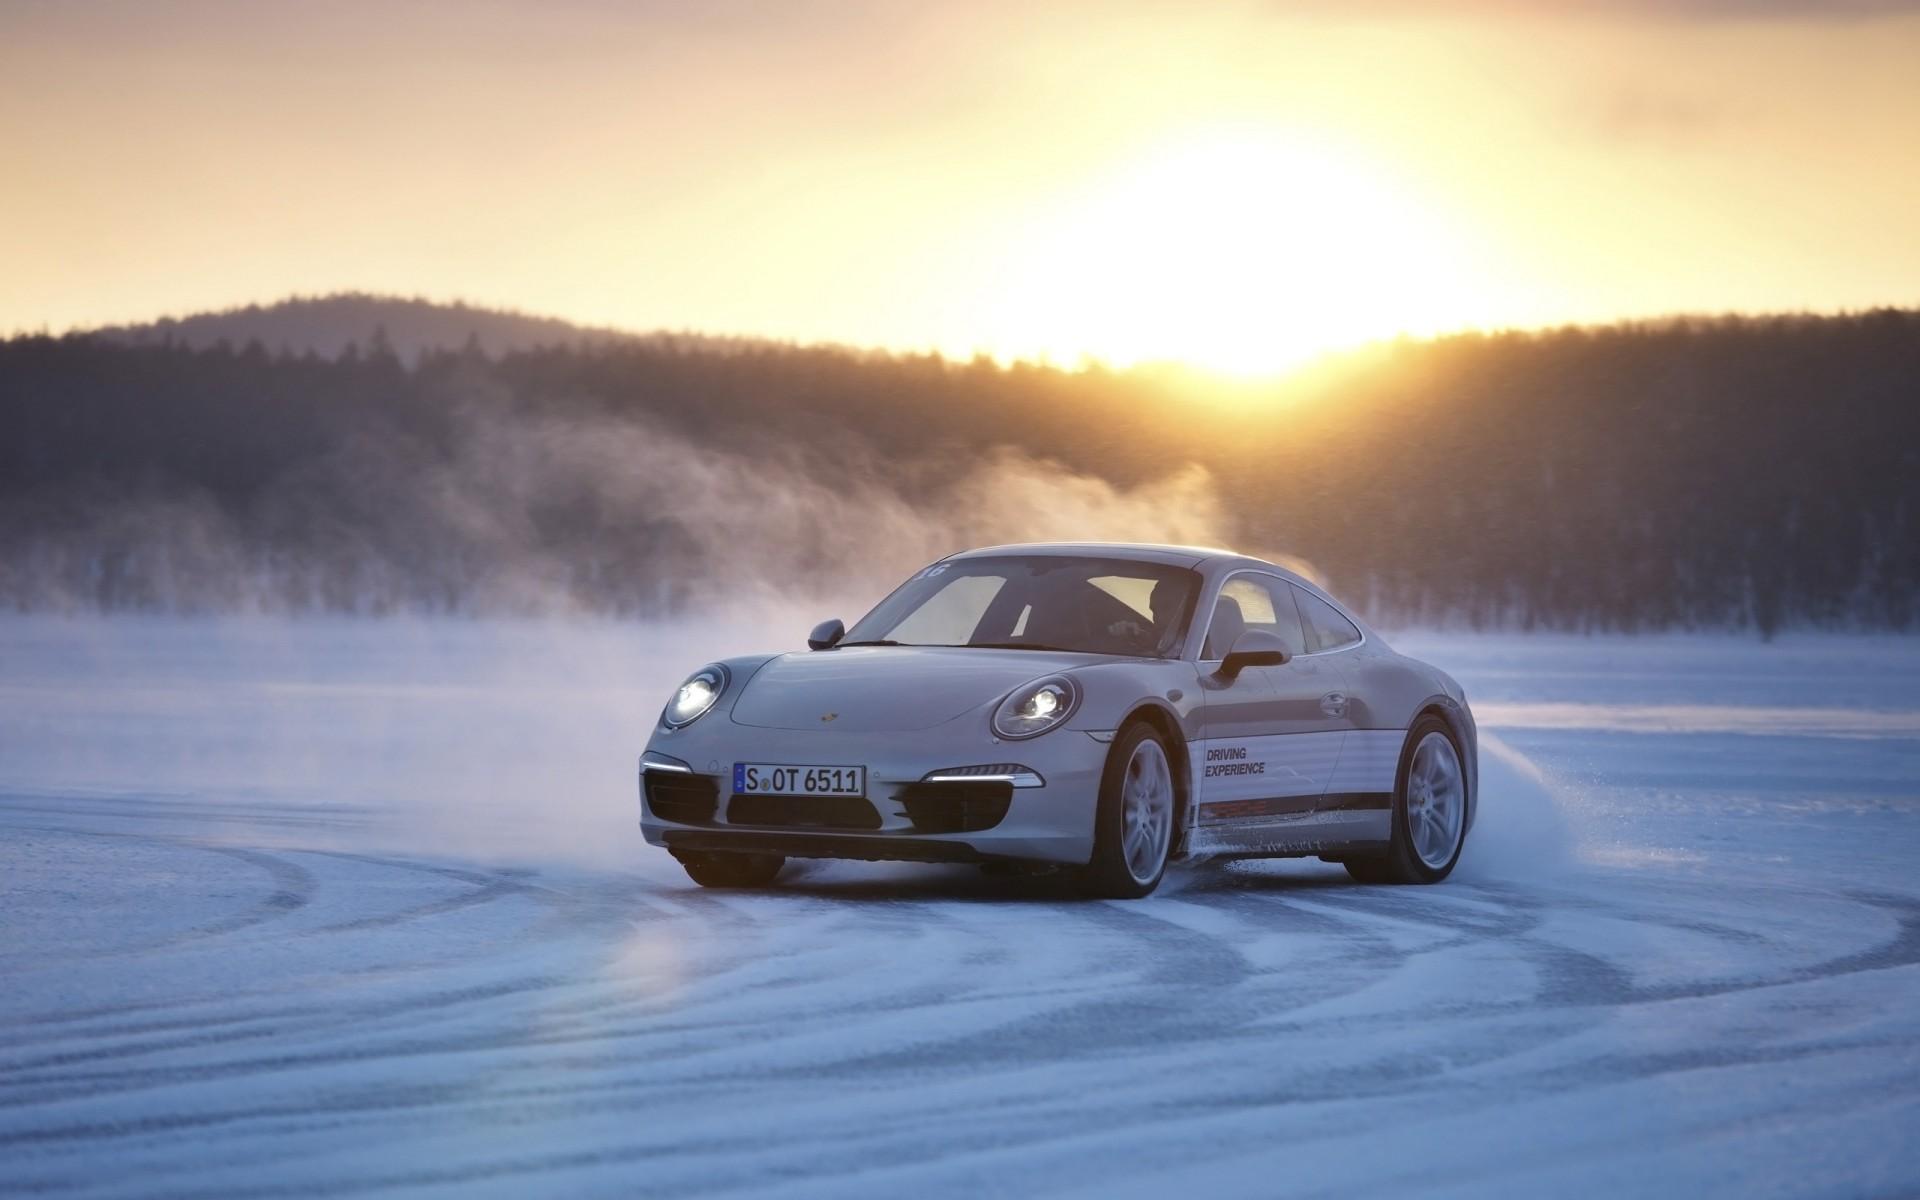 Mclaren P1 Wallpaper Hd 2013 Porsche 911 In Snow Wallpaper Hd Car Wallpapers